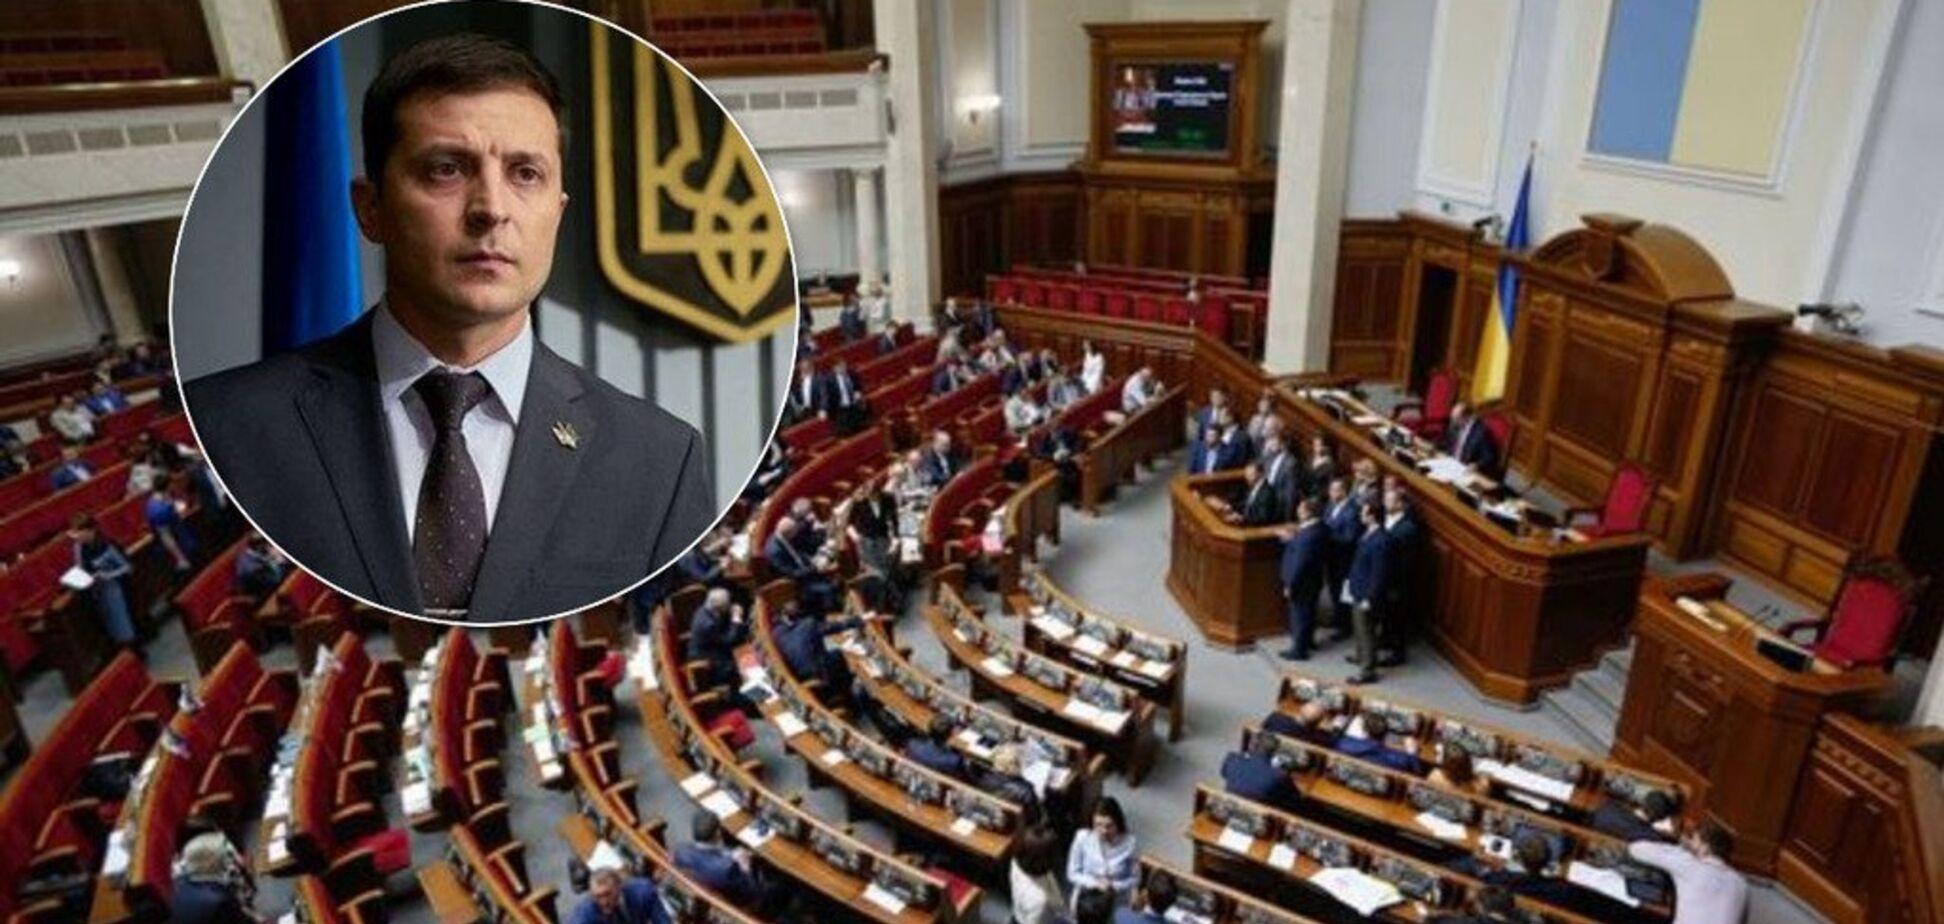 Опубликован указ Зеленского о роспуске Рады и выборах: появилась реакция его команды